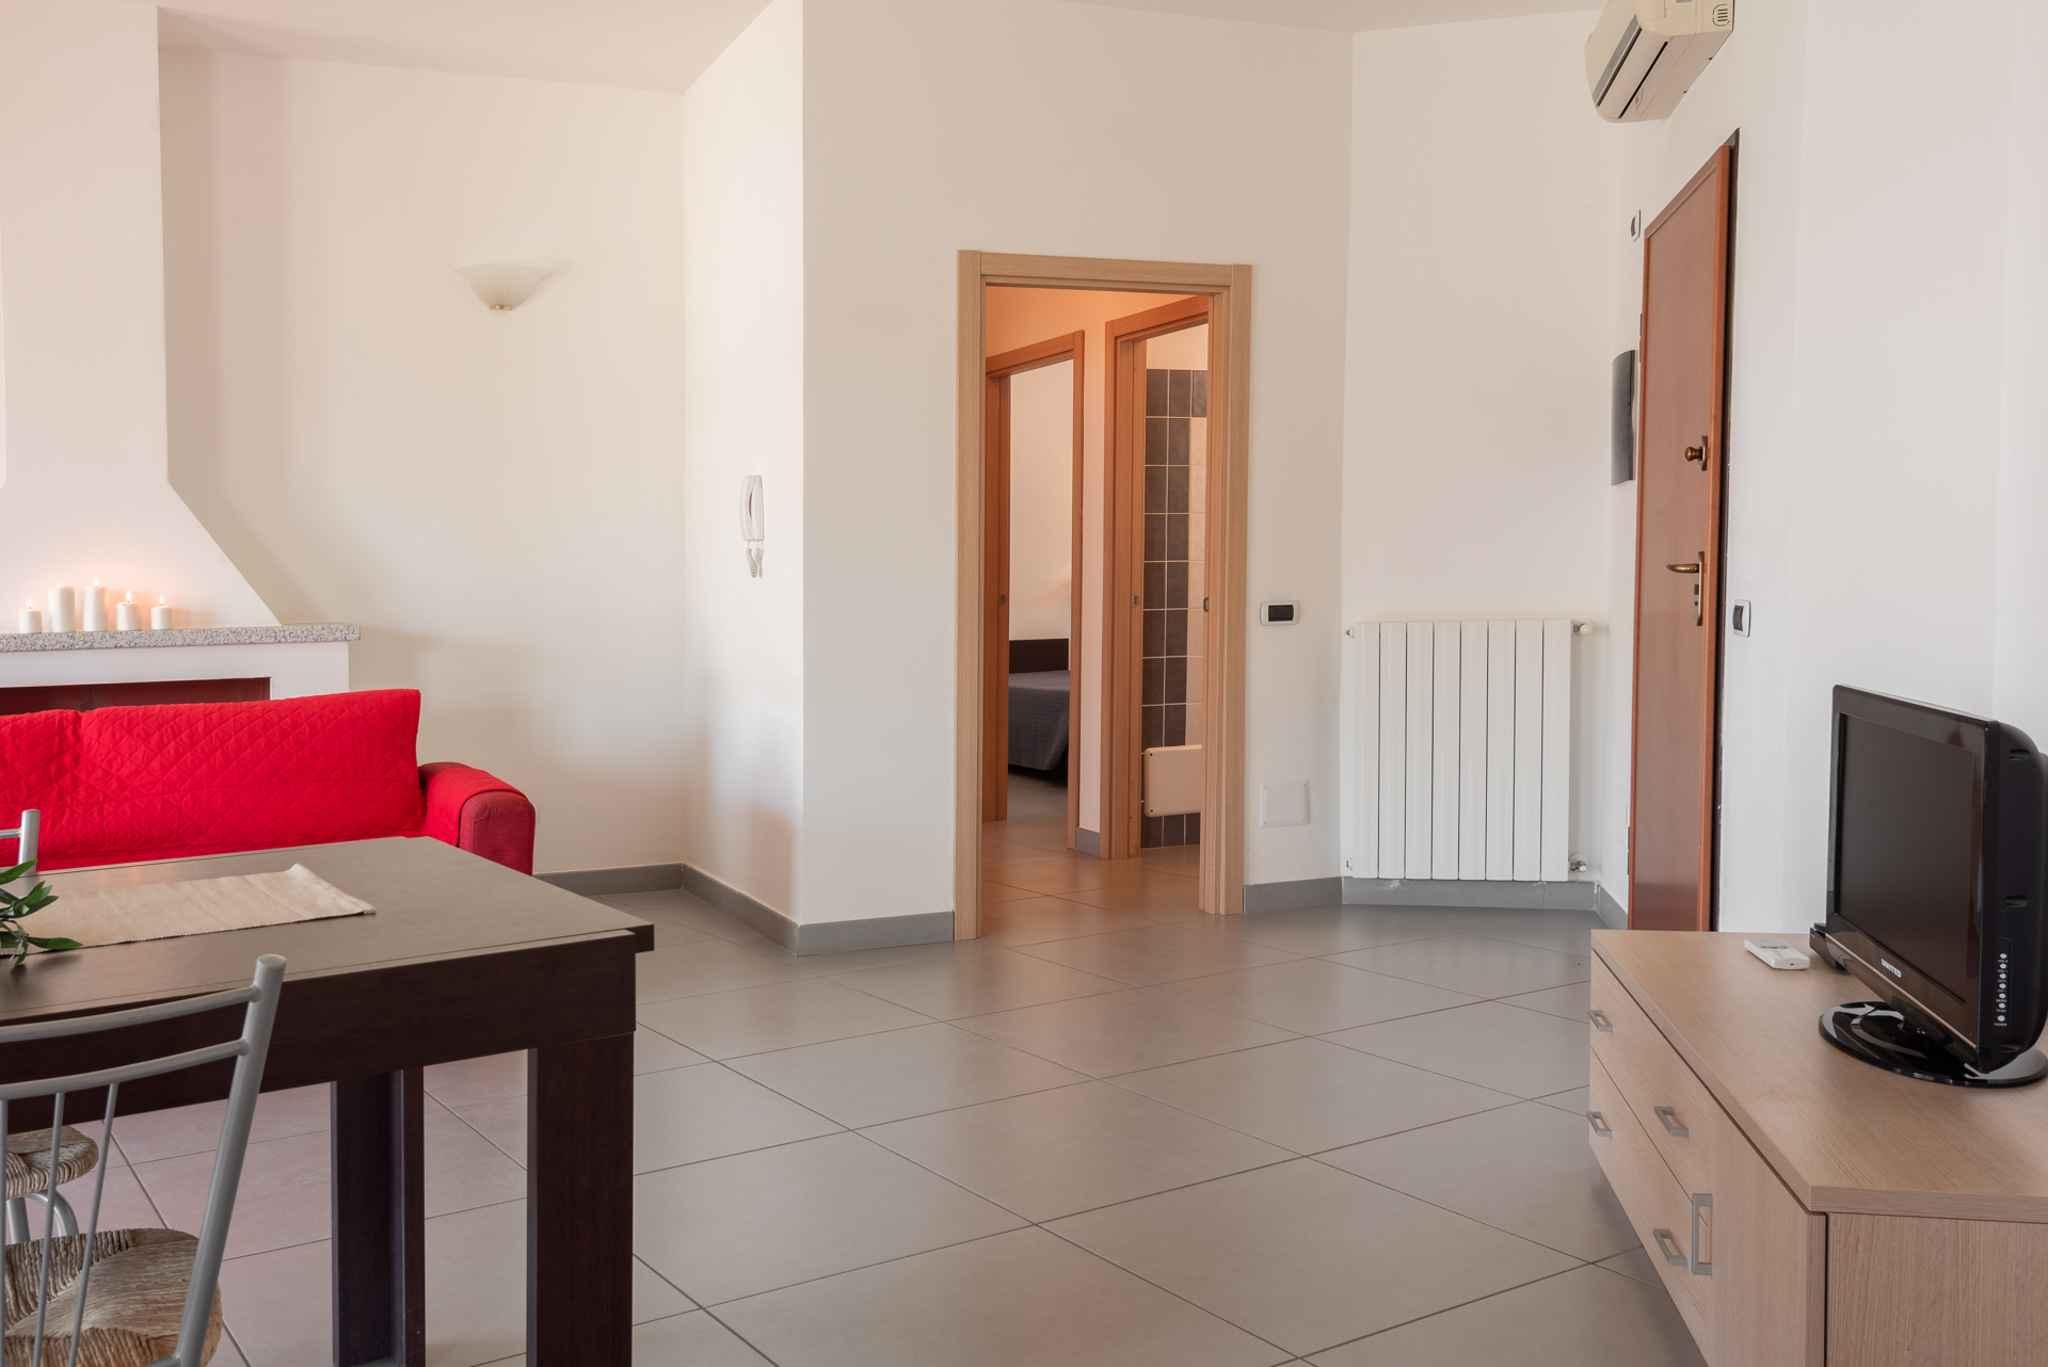 Ferienhaus mit KLimaanlage (2182423), Alghero, Sassari, Sardinien, Italien, Bild 10